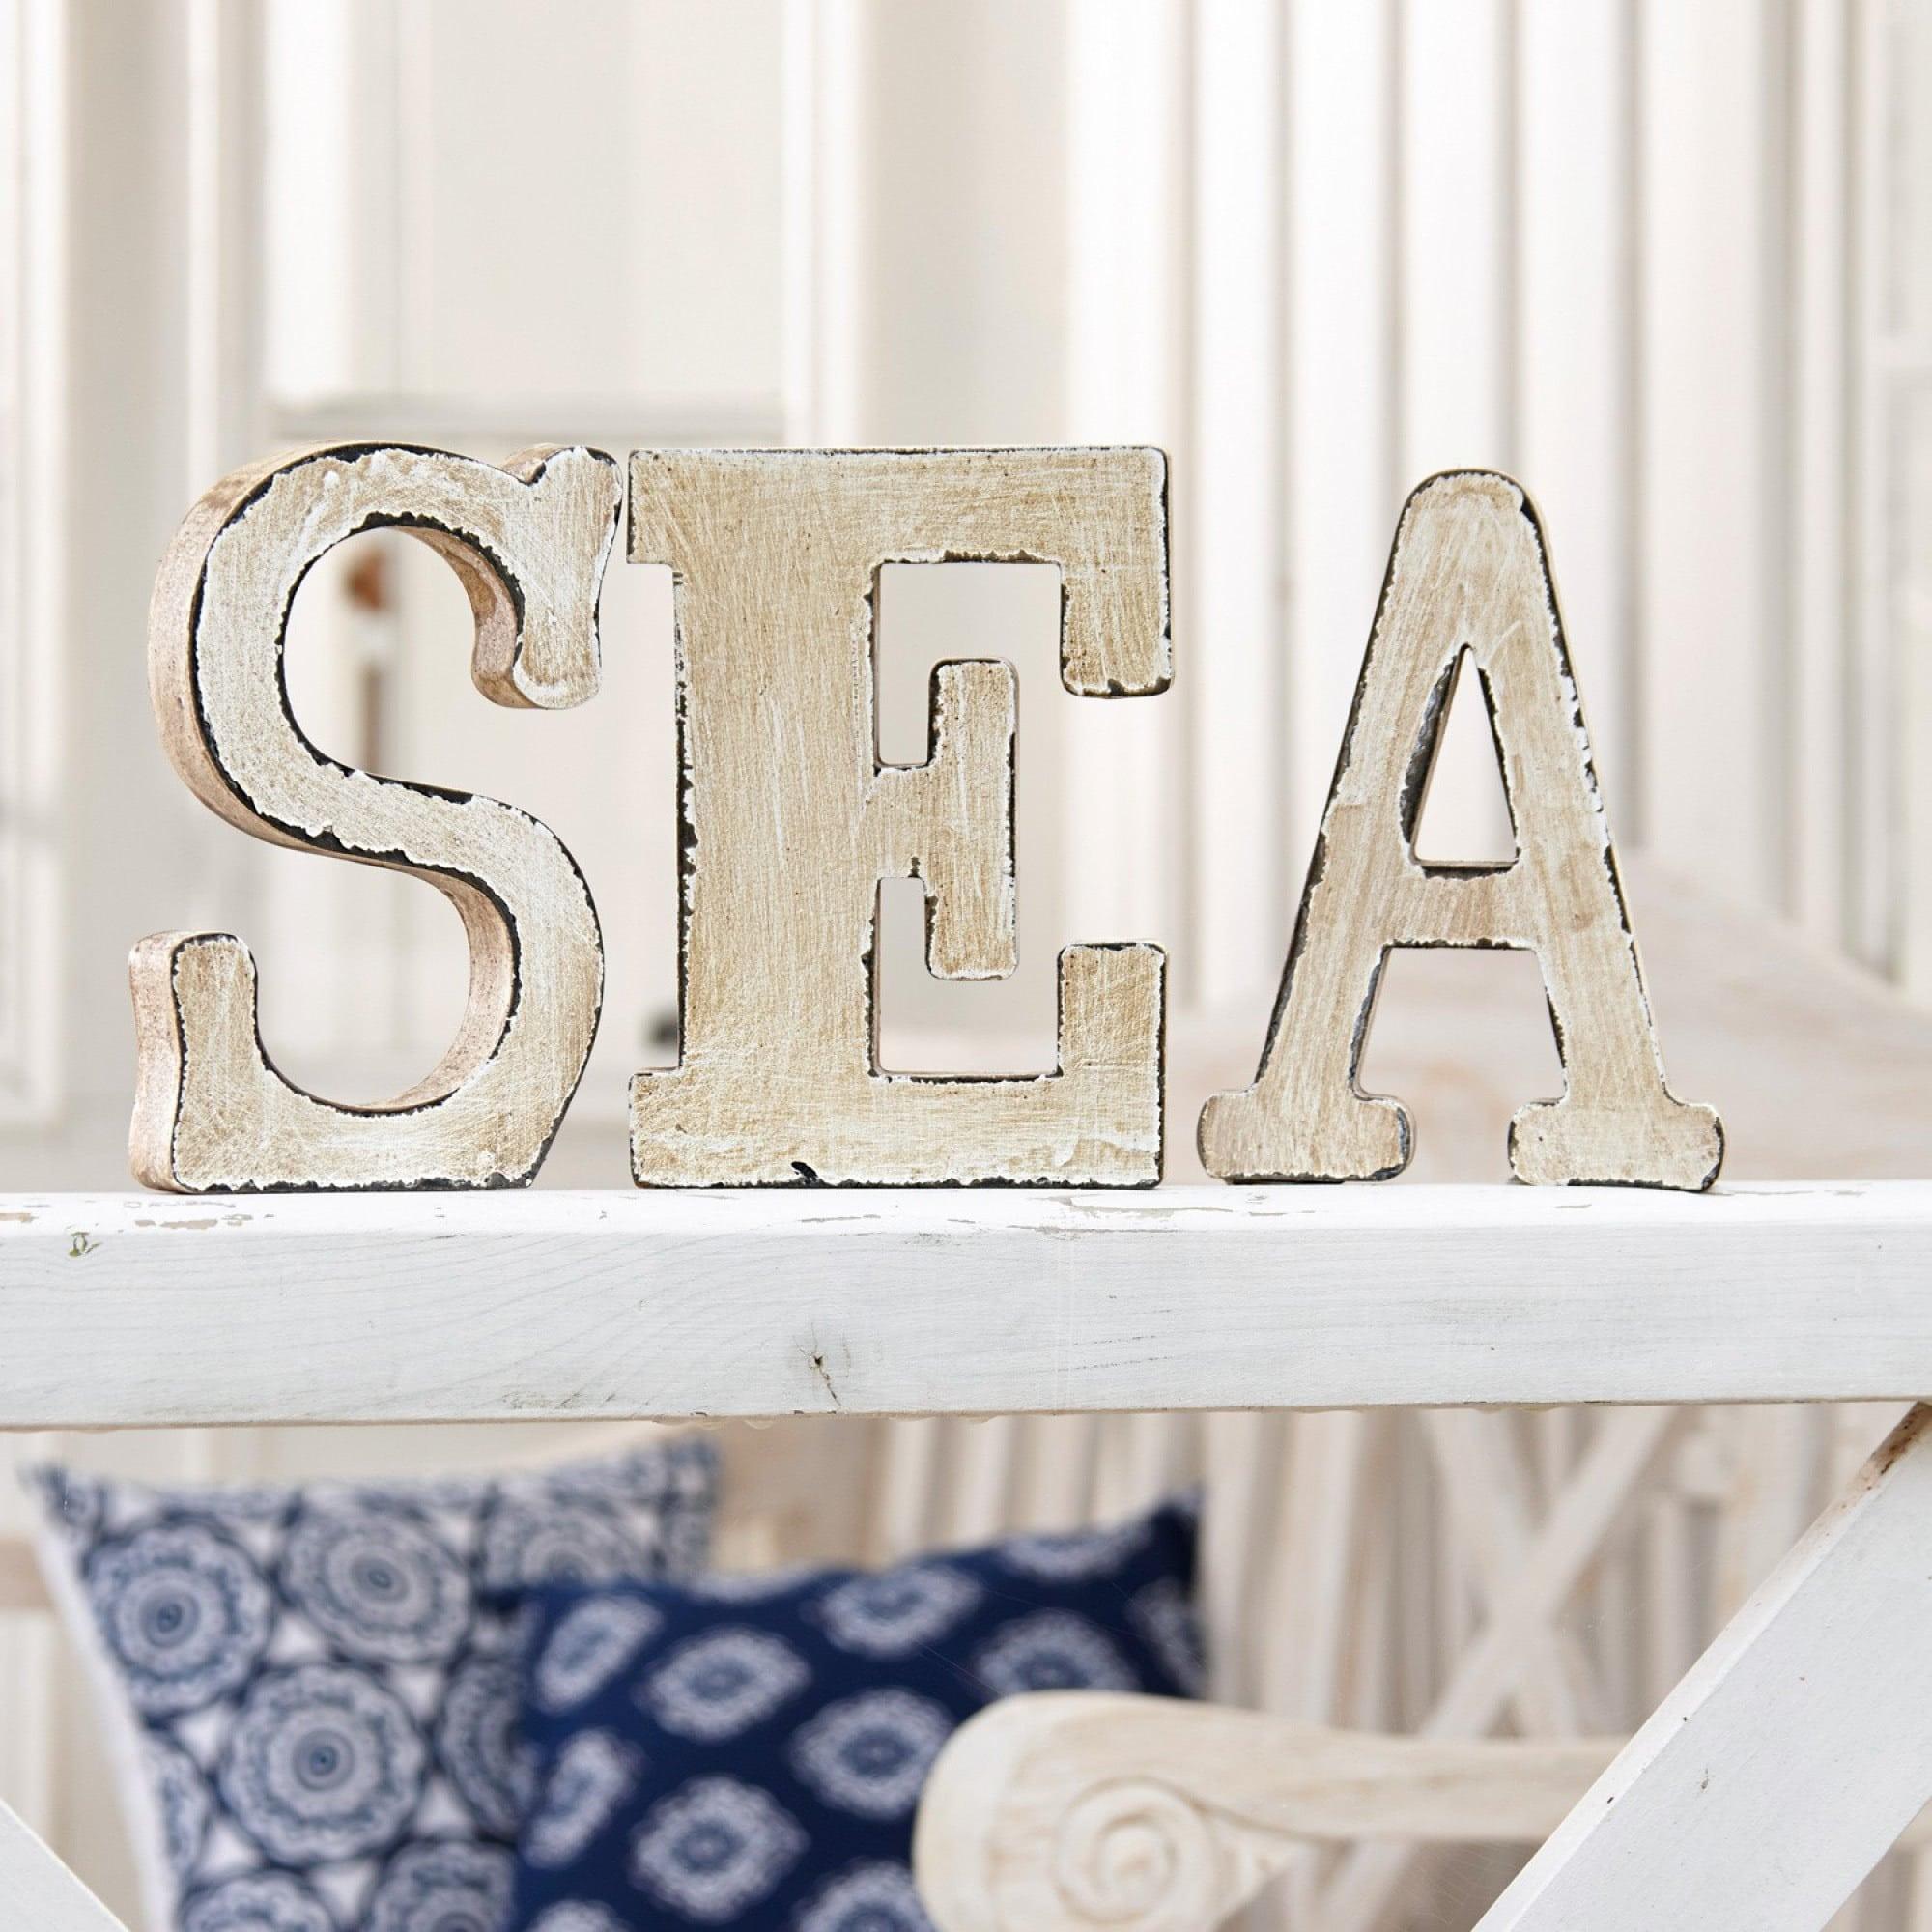 deko buchstaben zum hinstellen kinderzimmerdekoration. Black Bedroom Furniture Sets. Home Design Ideas